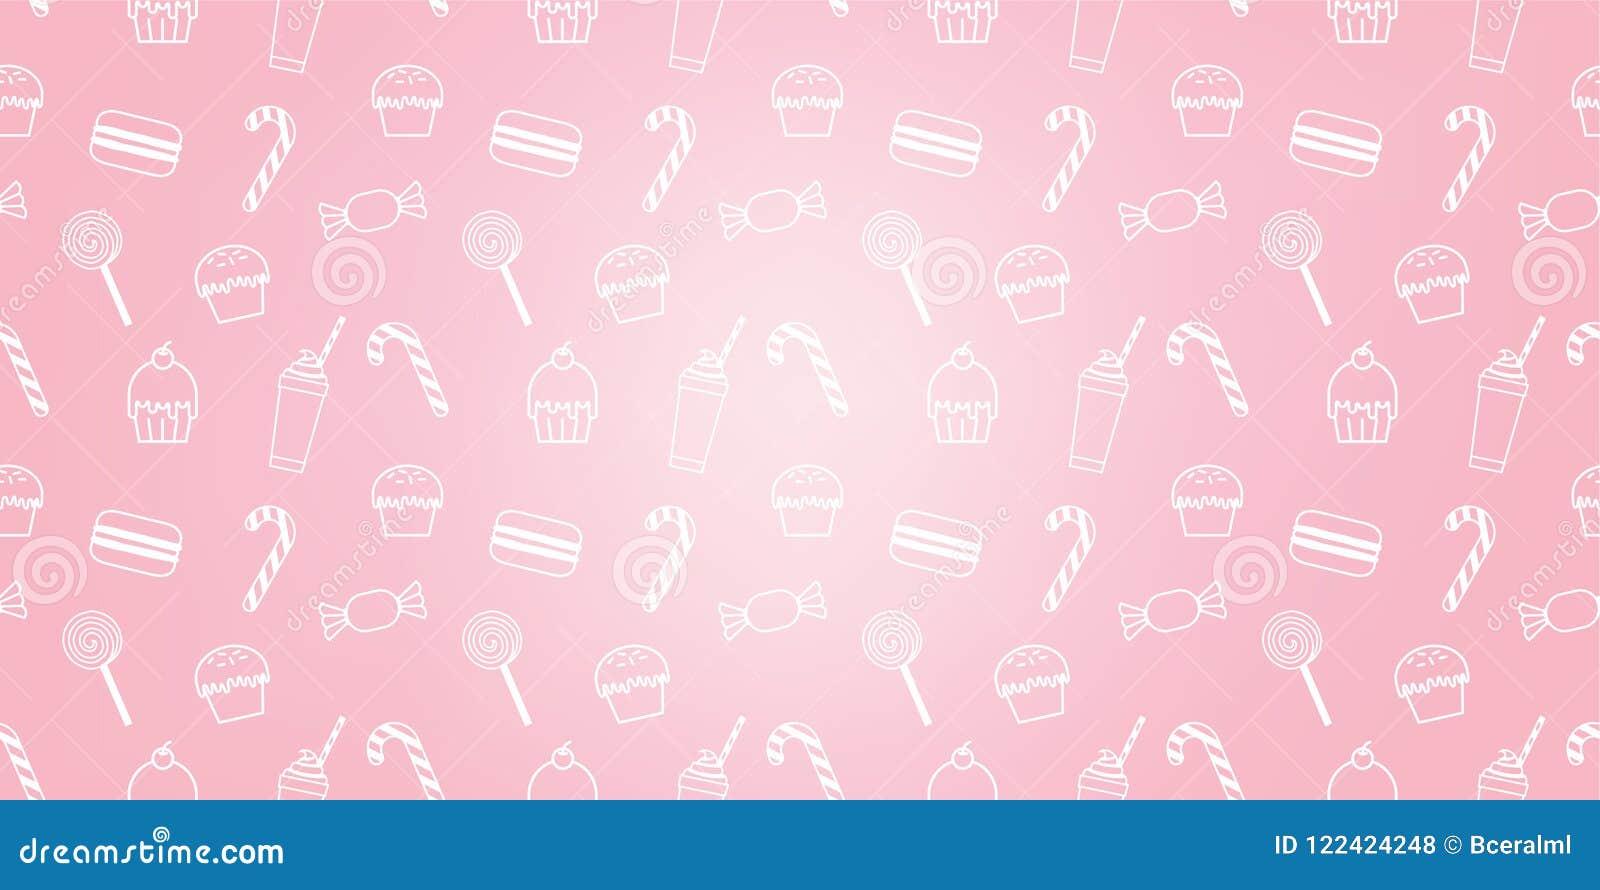 Bakery Cute Cupcake Candy Milkshake Macaroon Sweet Pink Icon Cafe